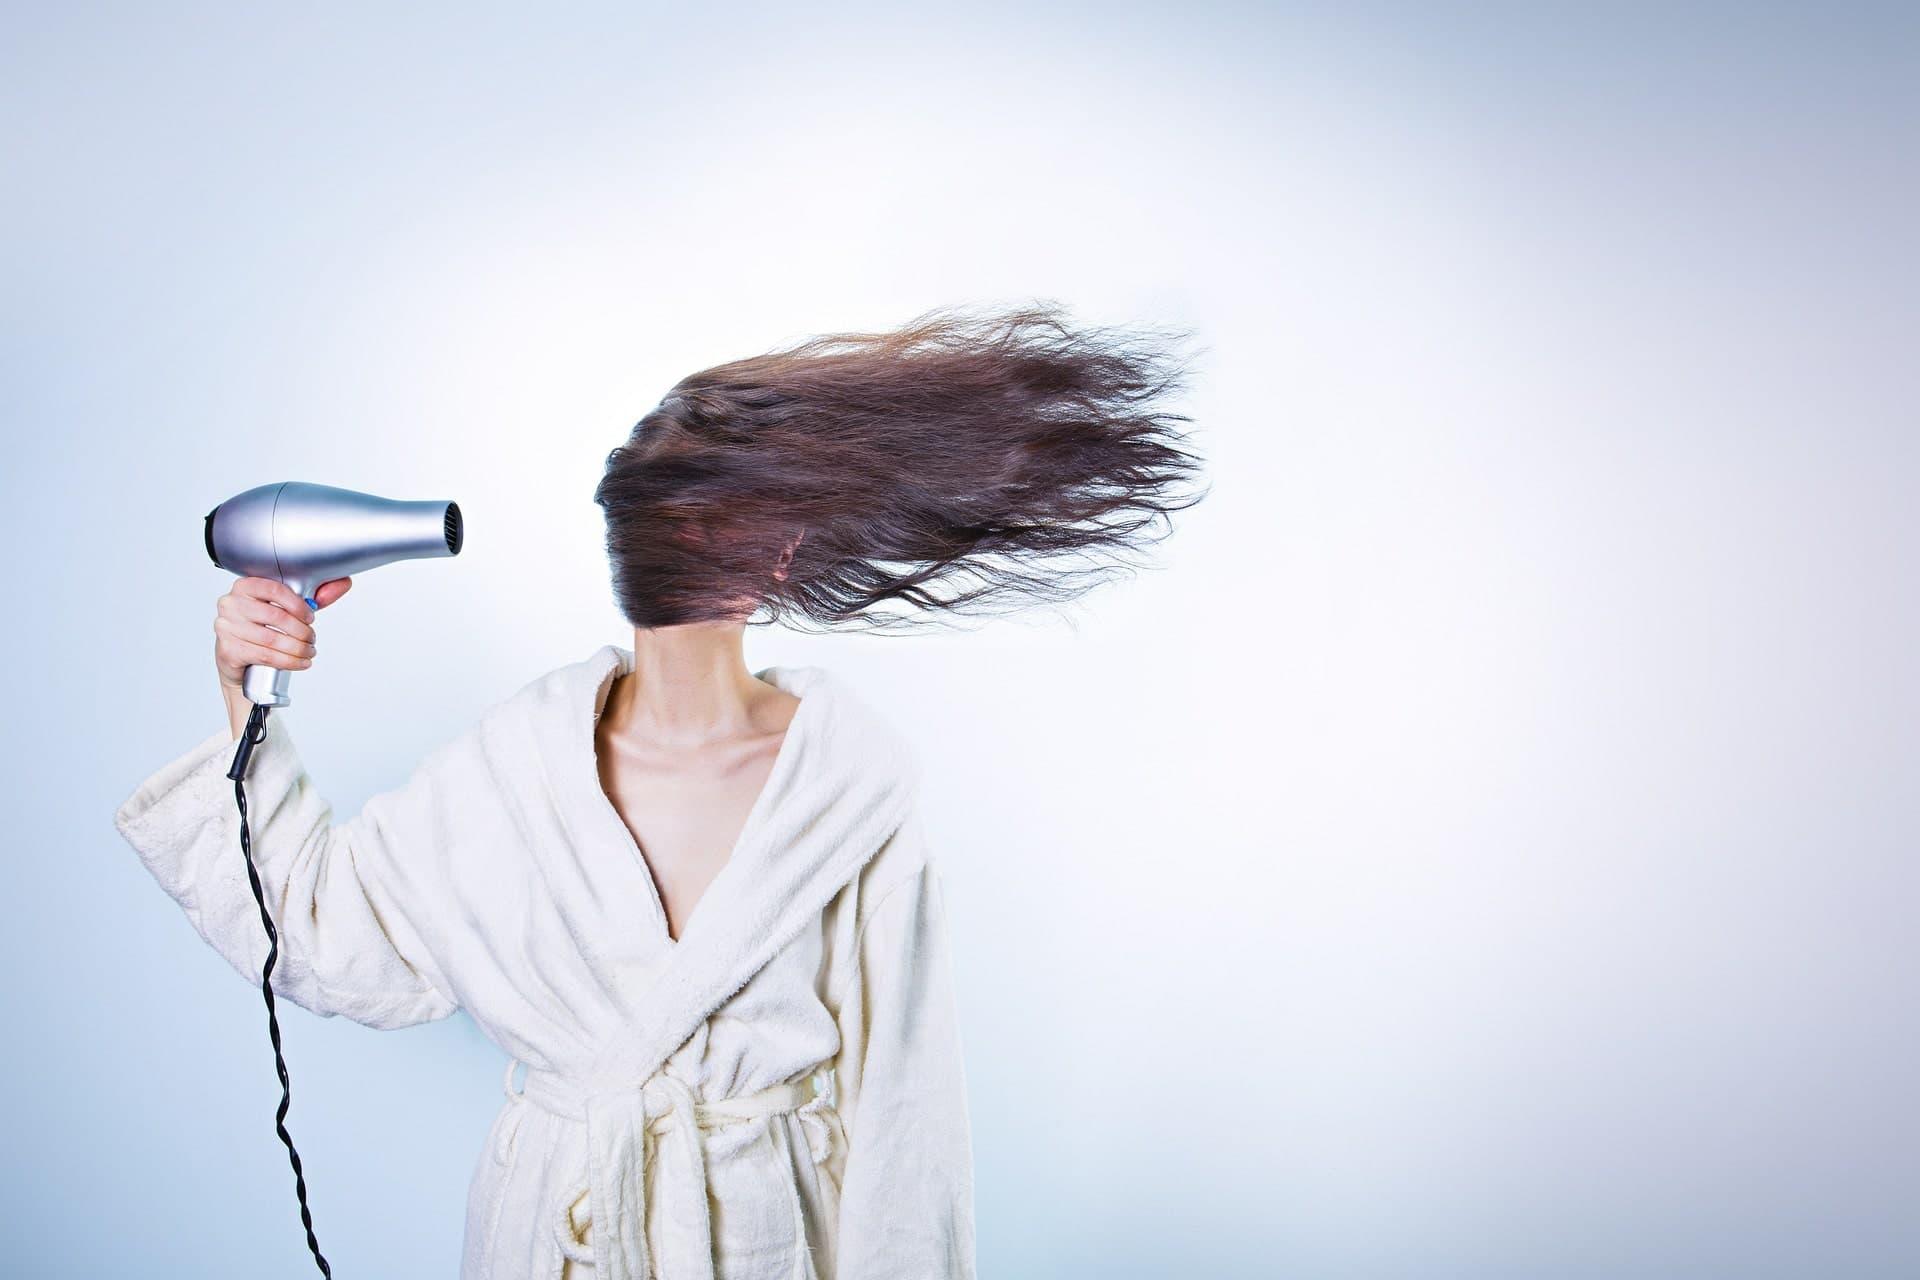 Powerfrau föhnt sich die Haare